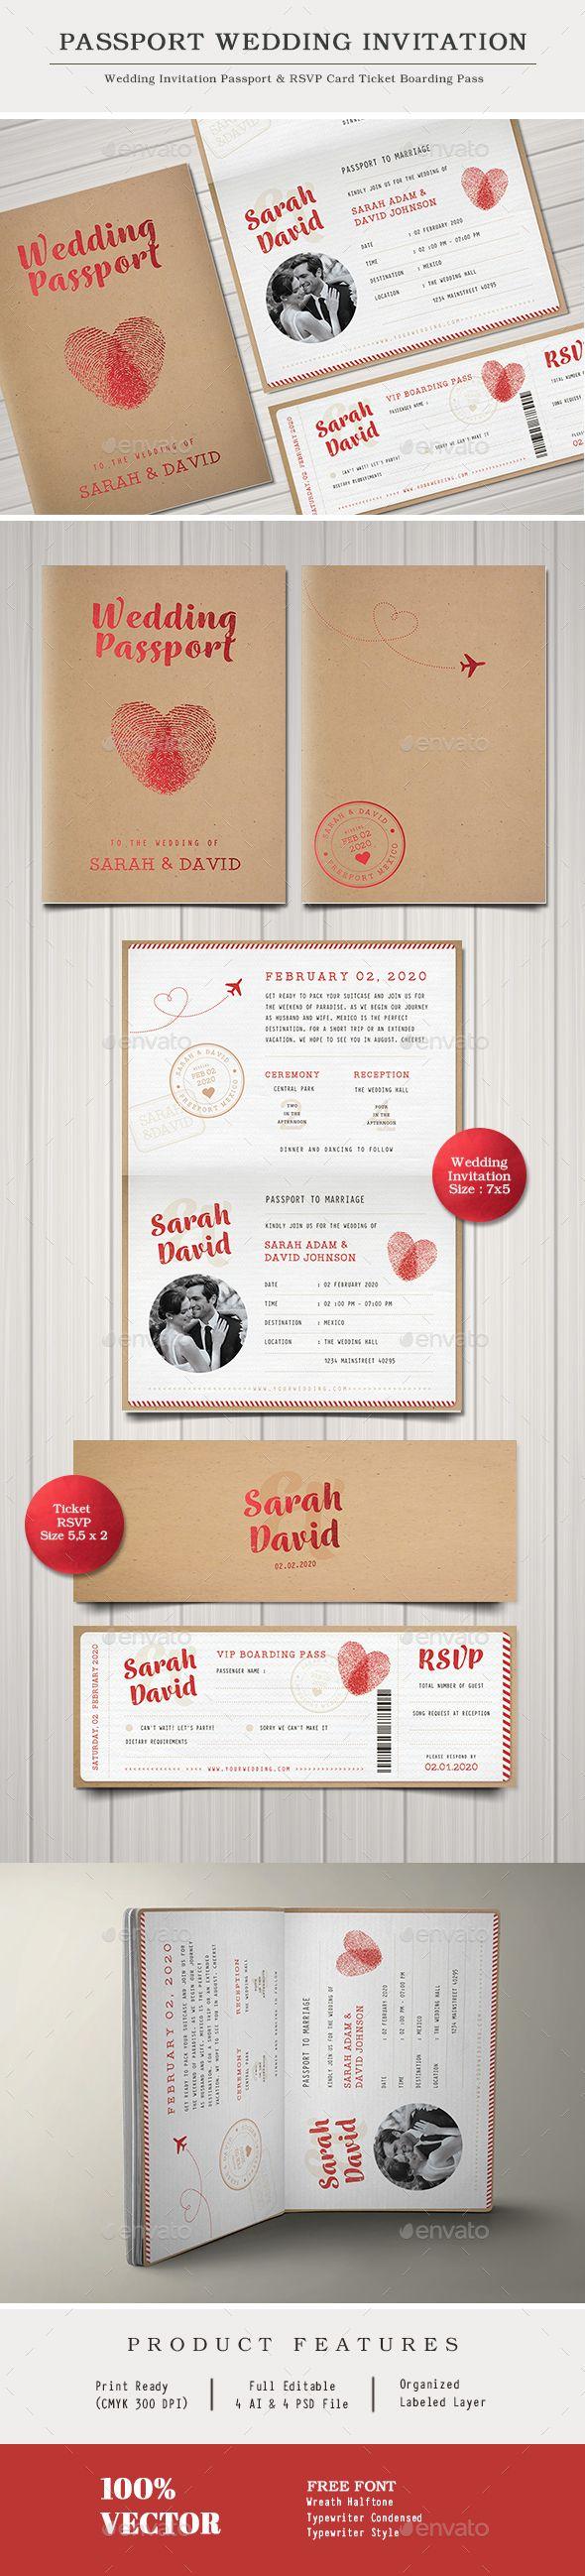 Vintage Passport Wedding Invitation 1036 best Wedding